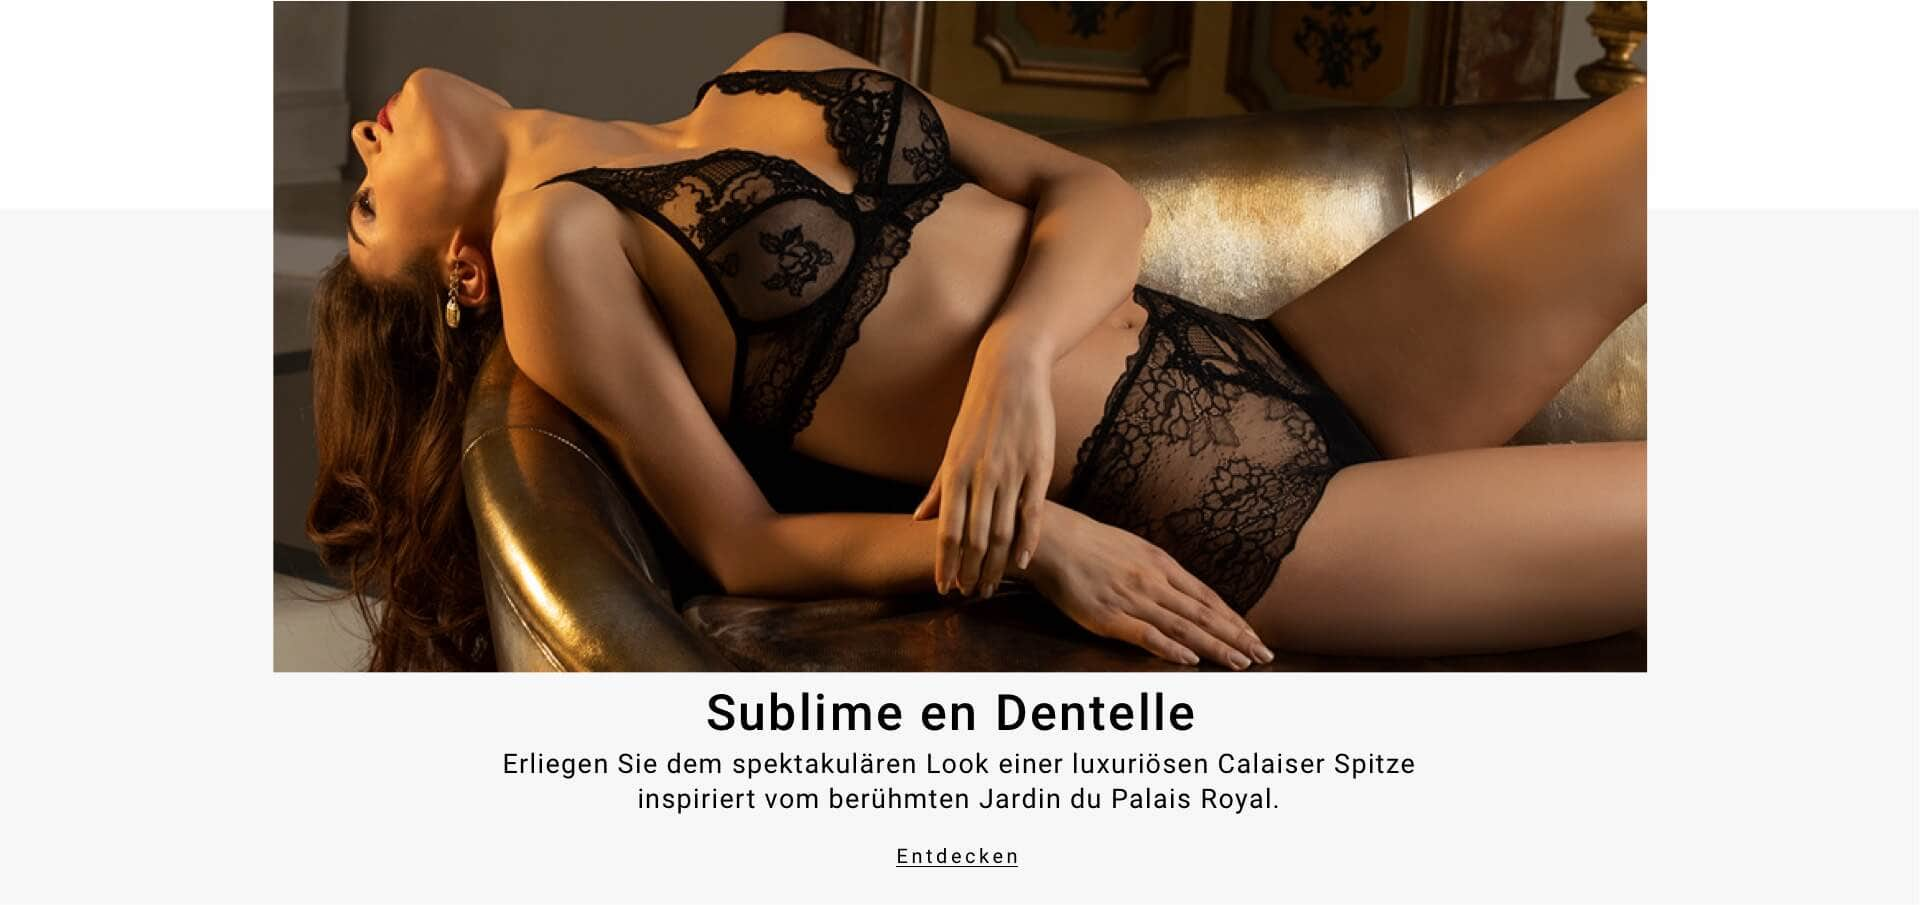 Sublime en Dentelle - Erliegen sie dem spektakularen Look einer luxuriosen Calaiser Spitze inspiriert vom beruhmten Jardin du Palais Royal